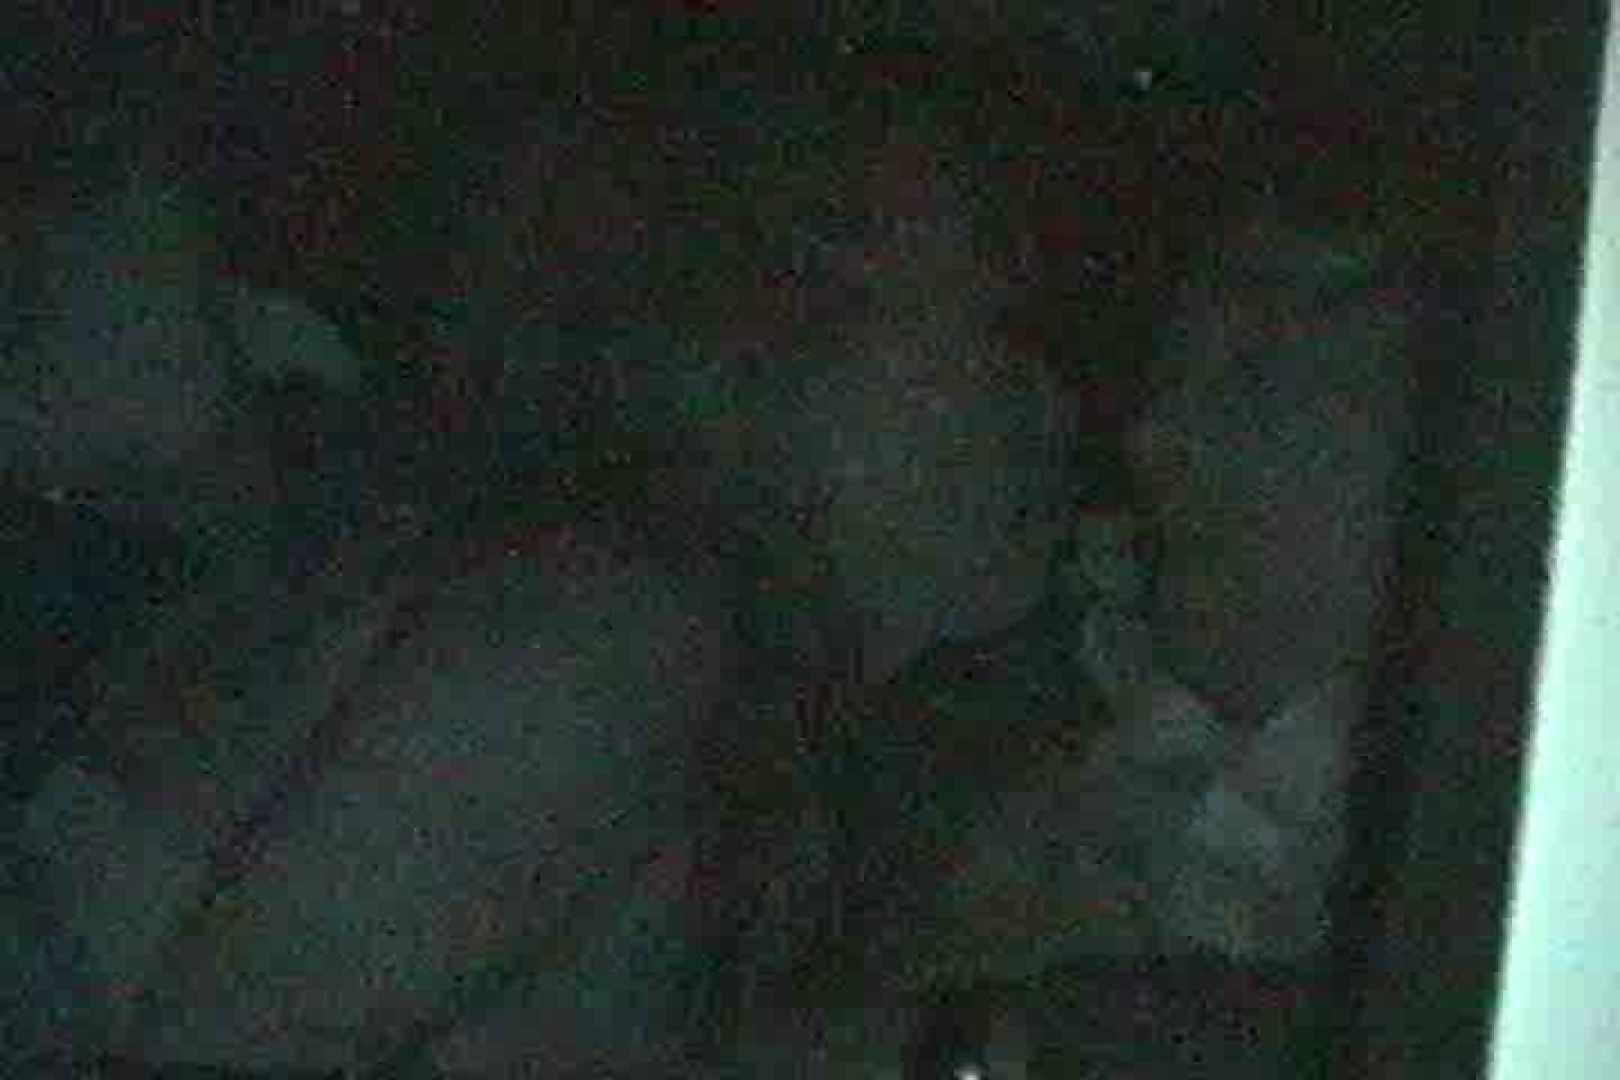 充血監督の深夜の運動会Vol.33 マンコ映像 おめこ無修正画像 43連発 23